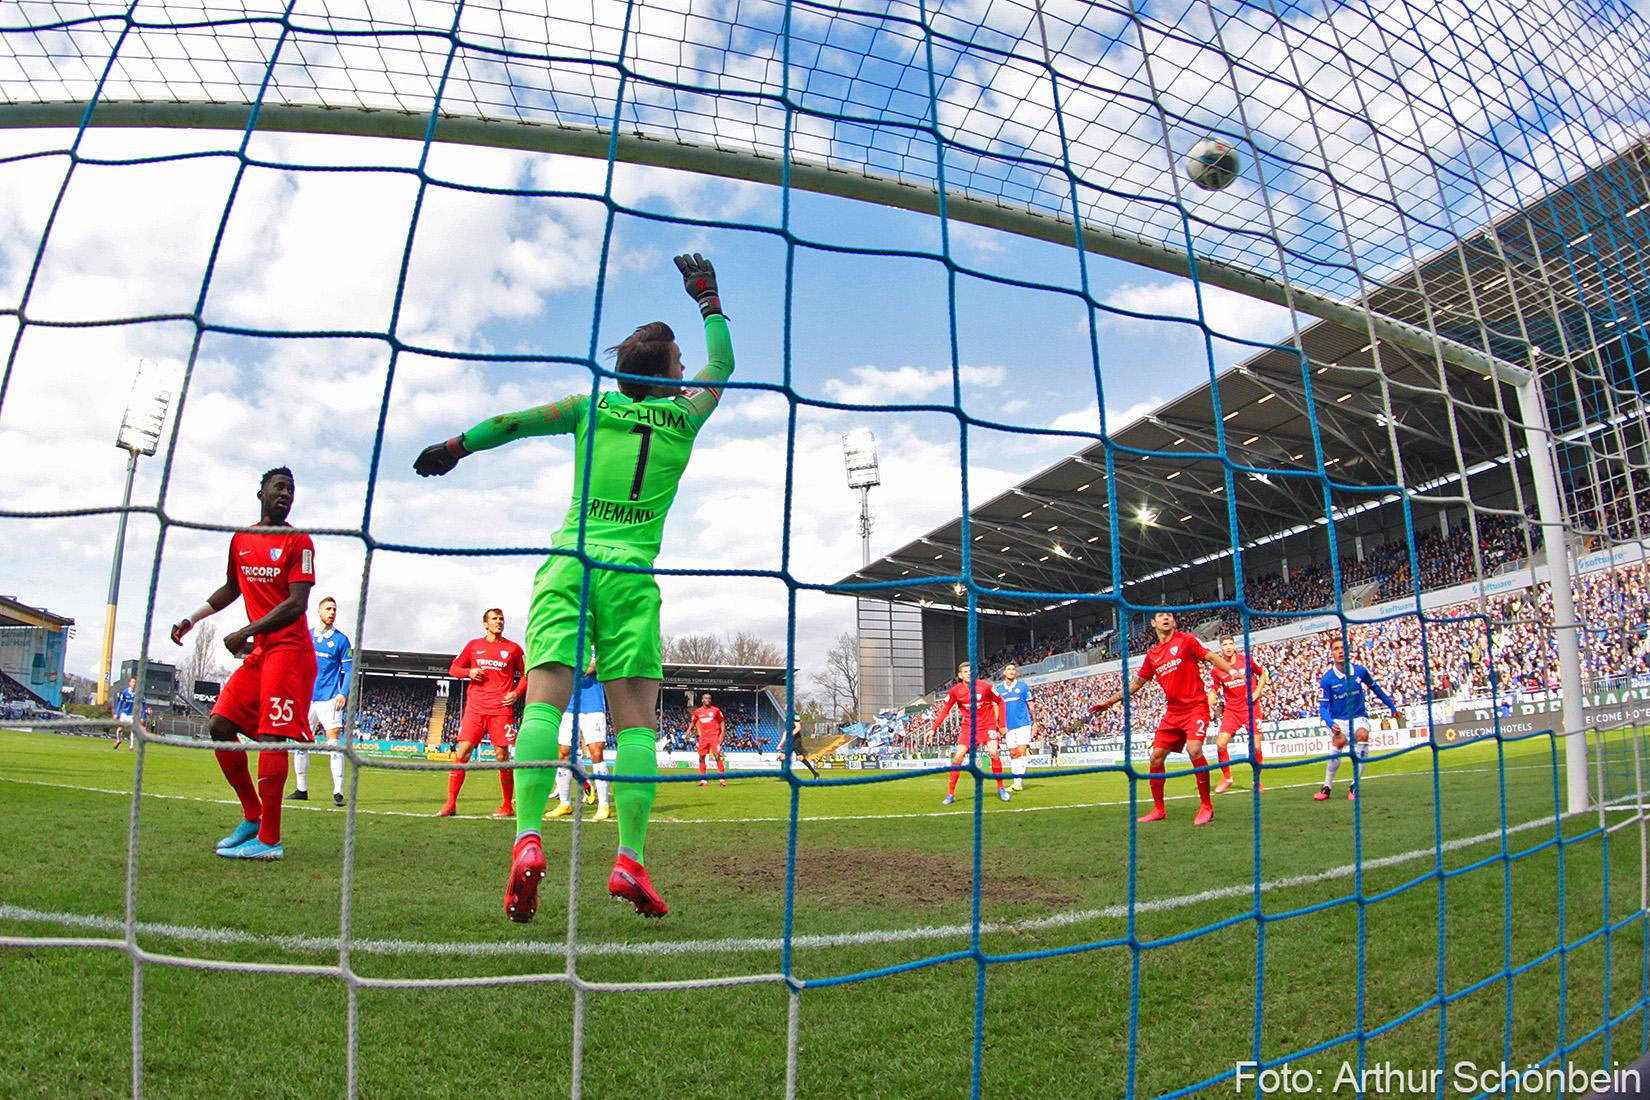 Impressionen vom Spiel gegen den VfL Bochum